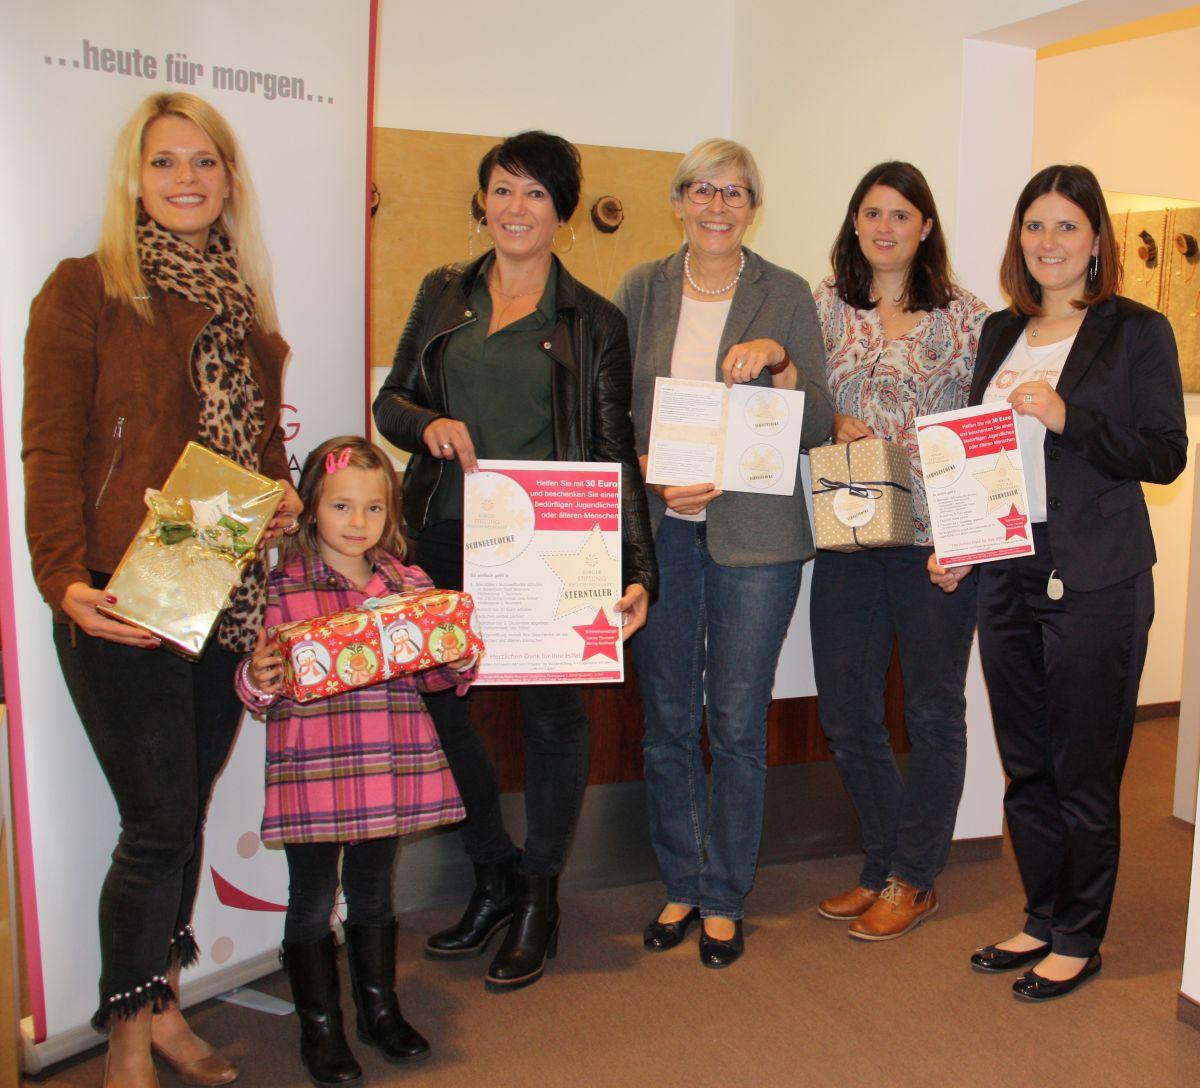 In Kooperation mit dem Leb mit Laden erhalten Kids zwischen 13 und 18 Jahren und Senioren ein kleines Geschenk zu Weihnachten. Von links: Carolin Thumann mit Tochter, Bianca Nießlbeck, Jutta Rother, Alexandra Hiereth, Sophie Stepper.